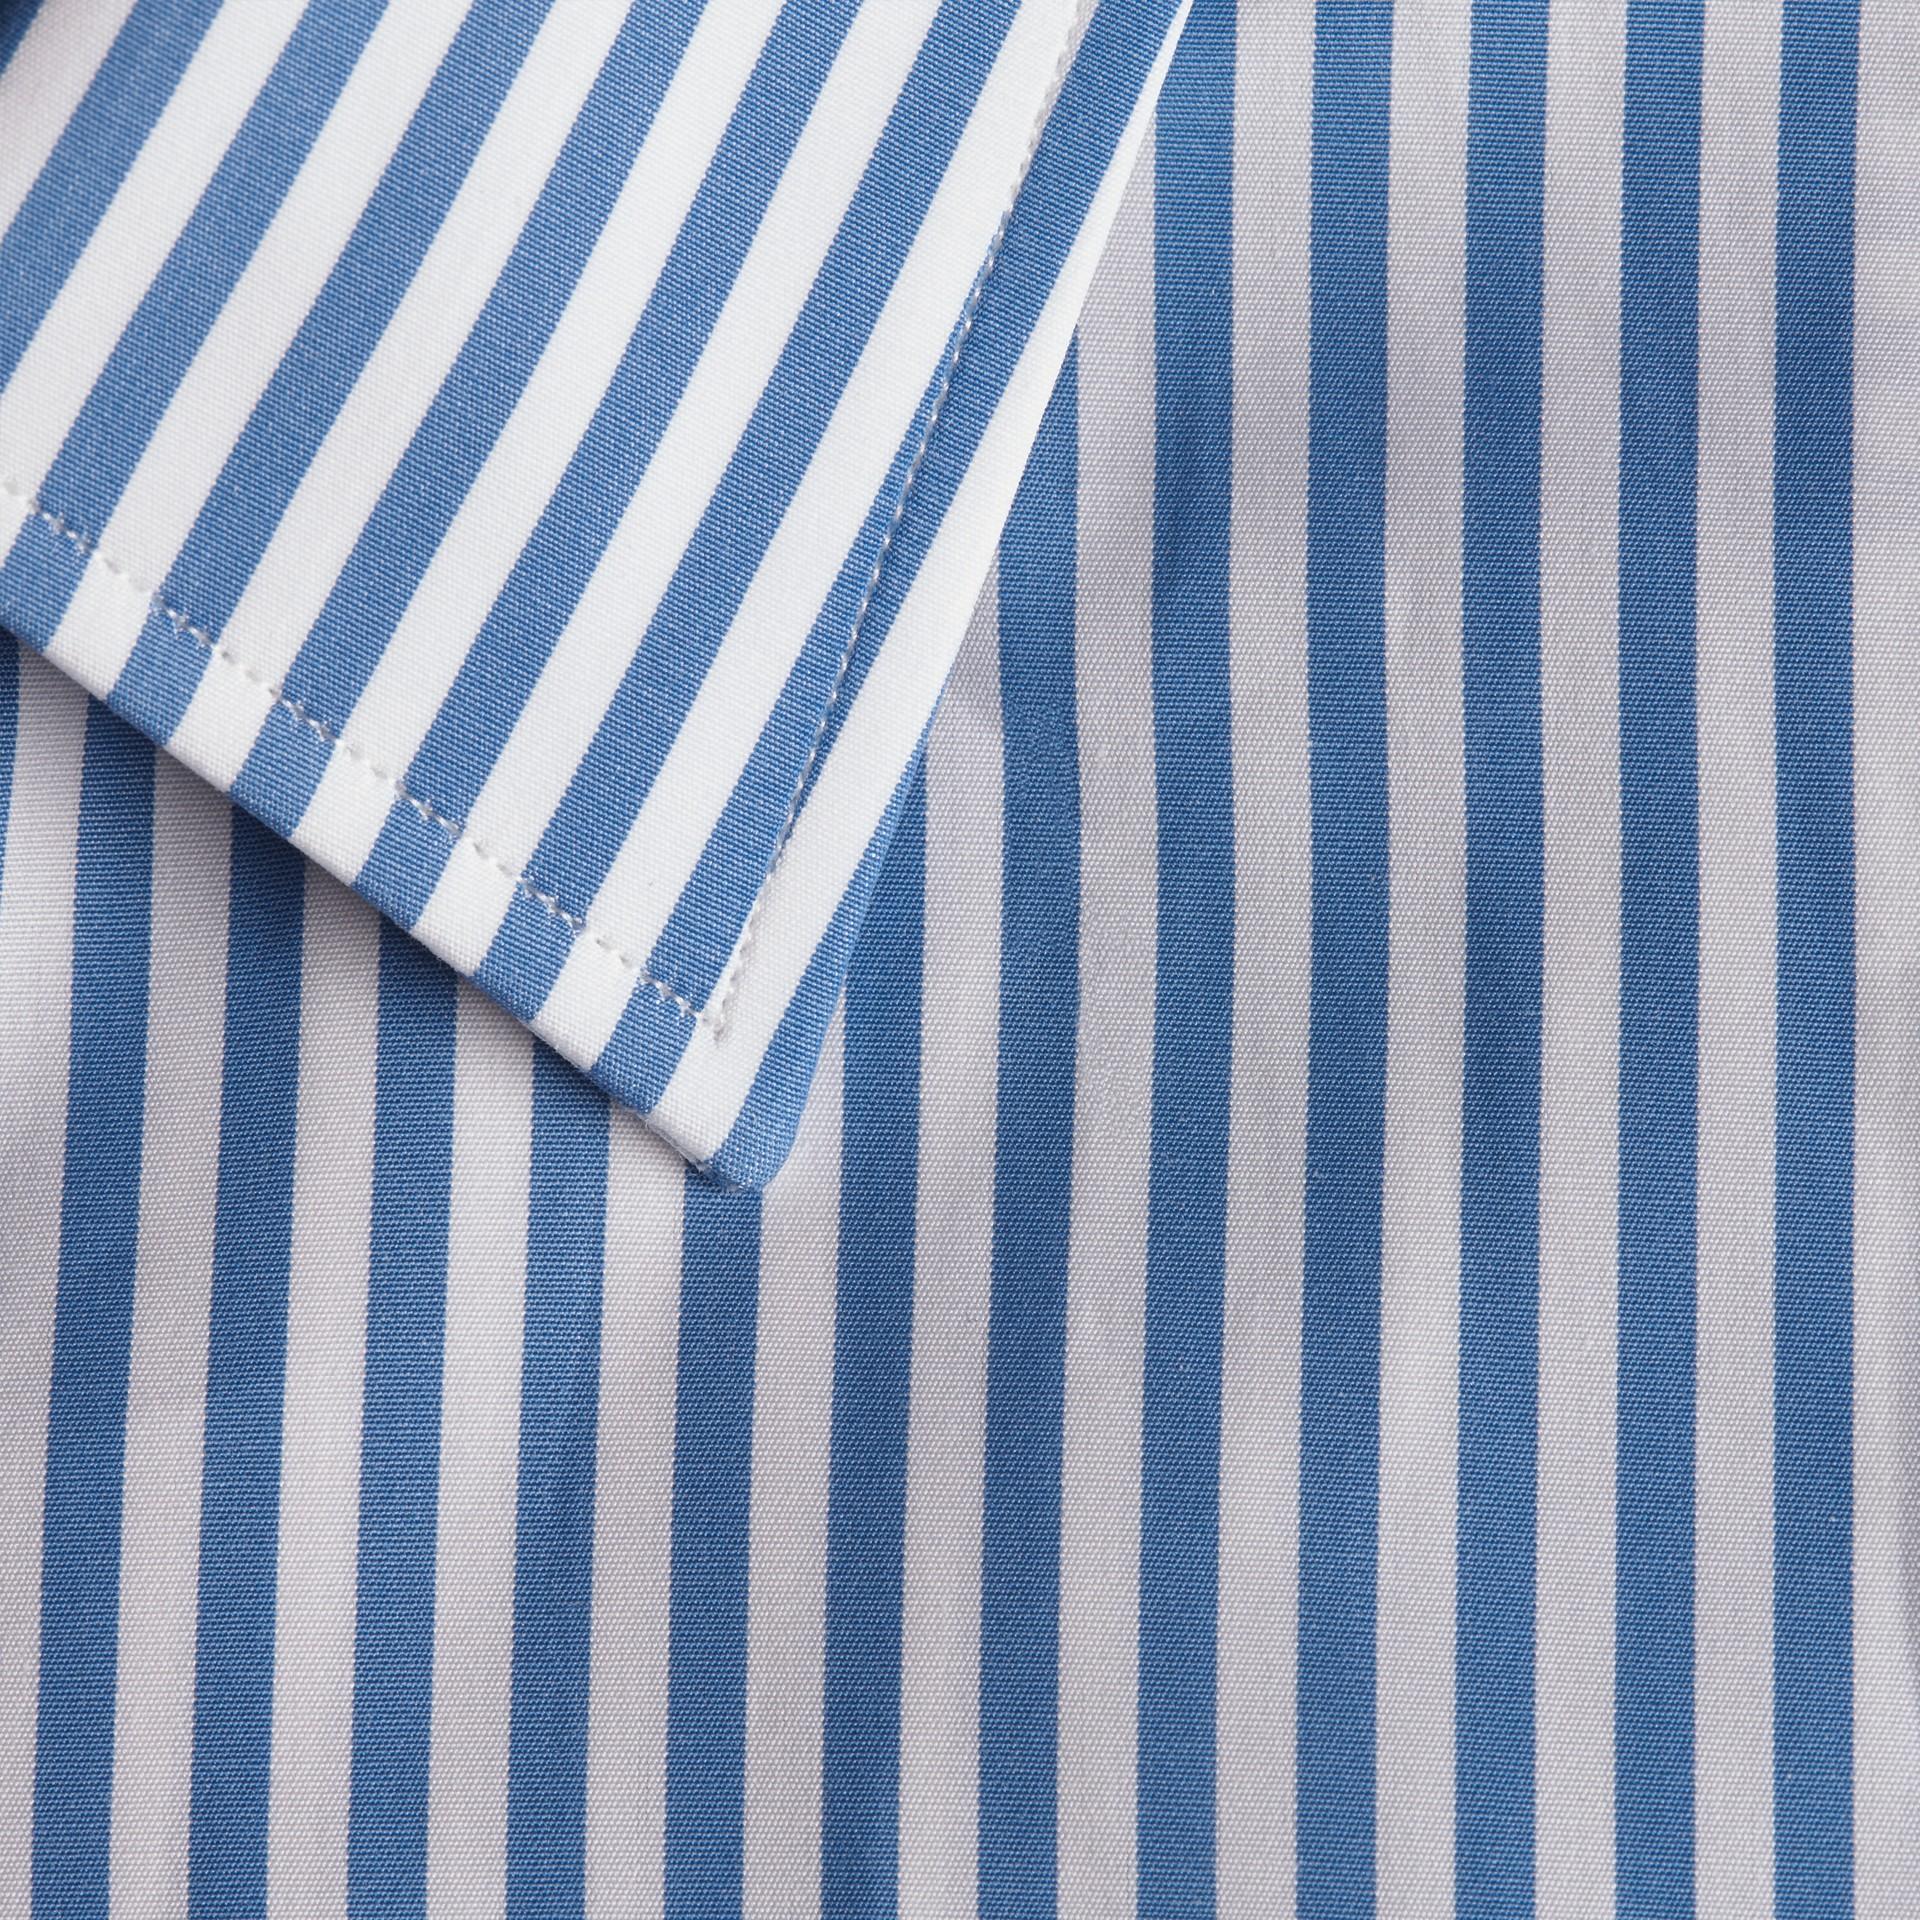 Blu medio Camicia sfiancata a righe in popeline di cotone Blu Medio - immagine della galleria 2